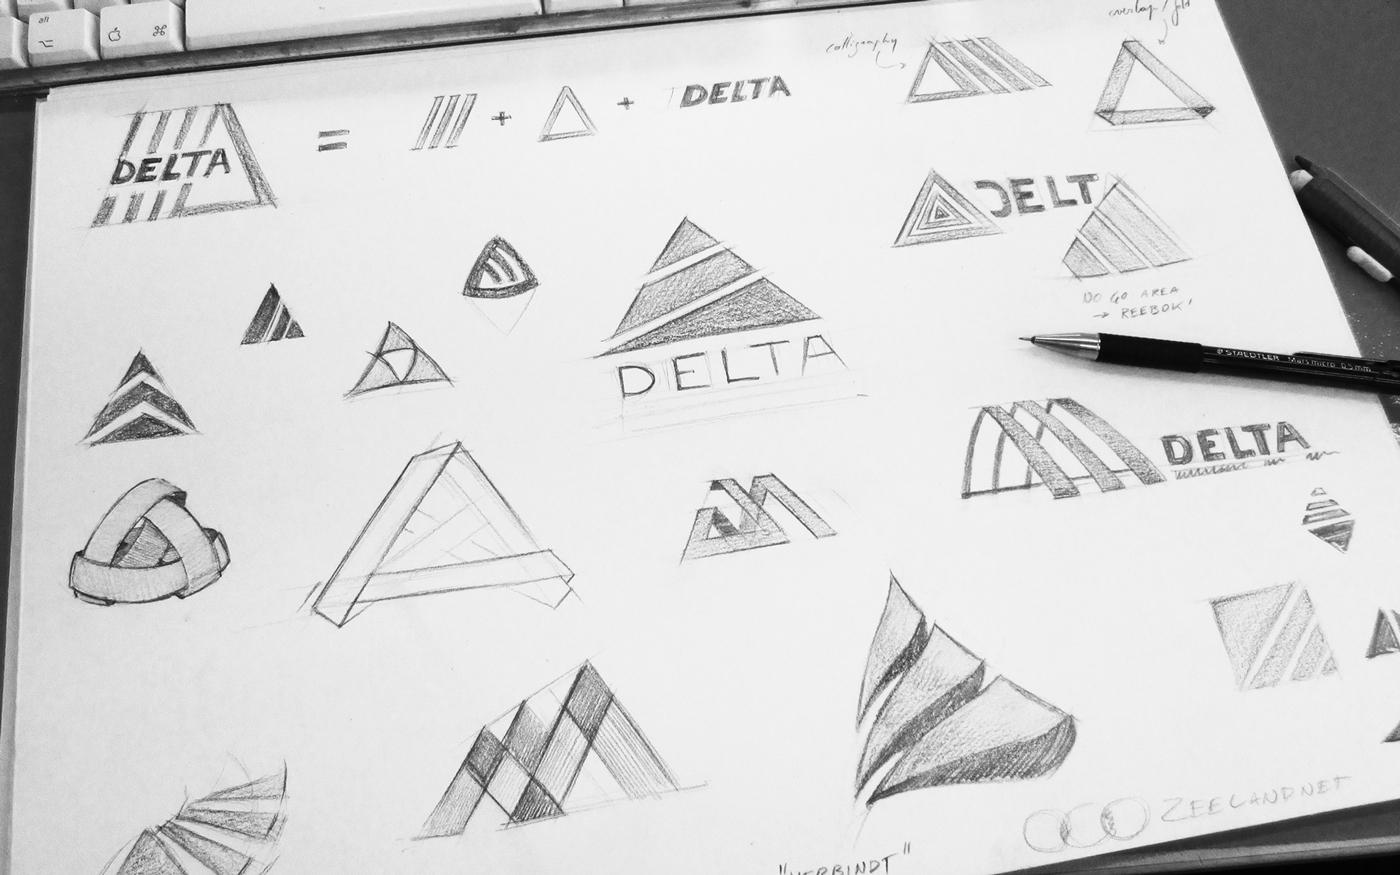 delta_1400px_sketch